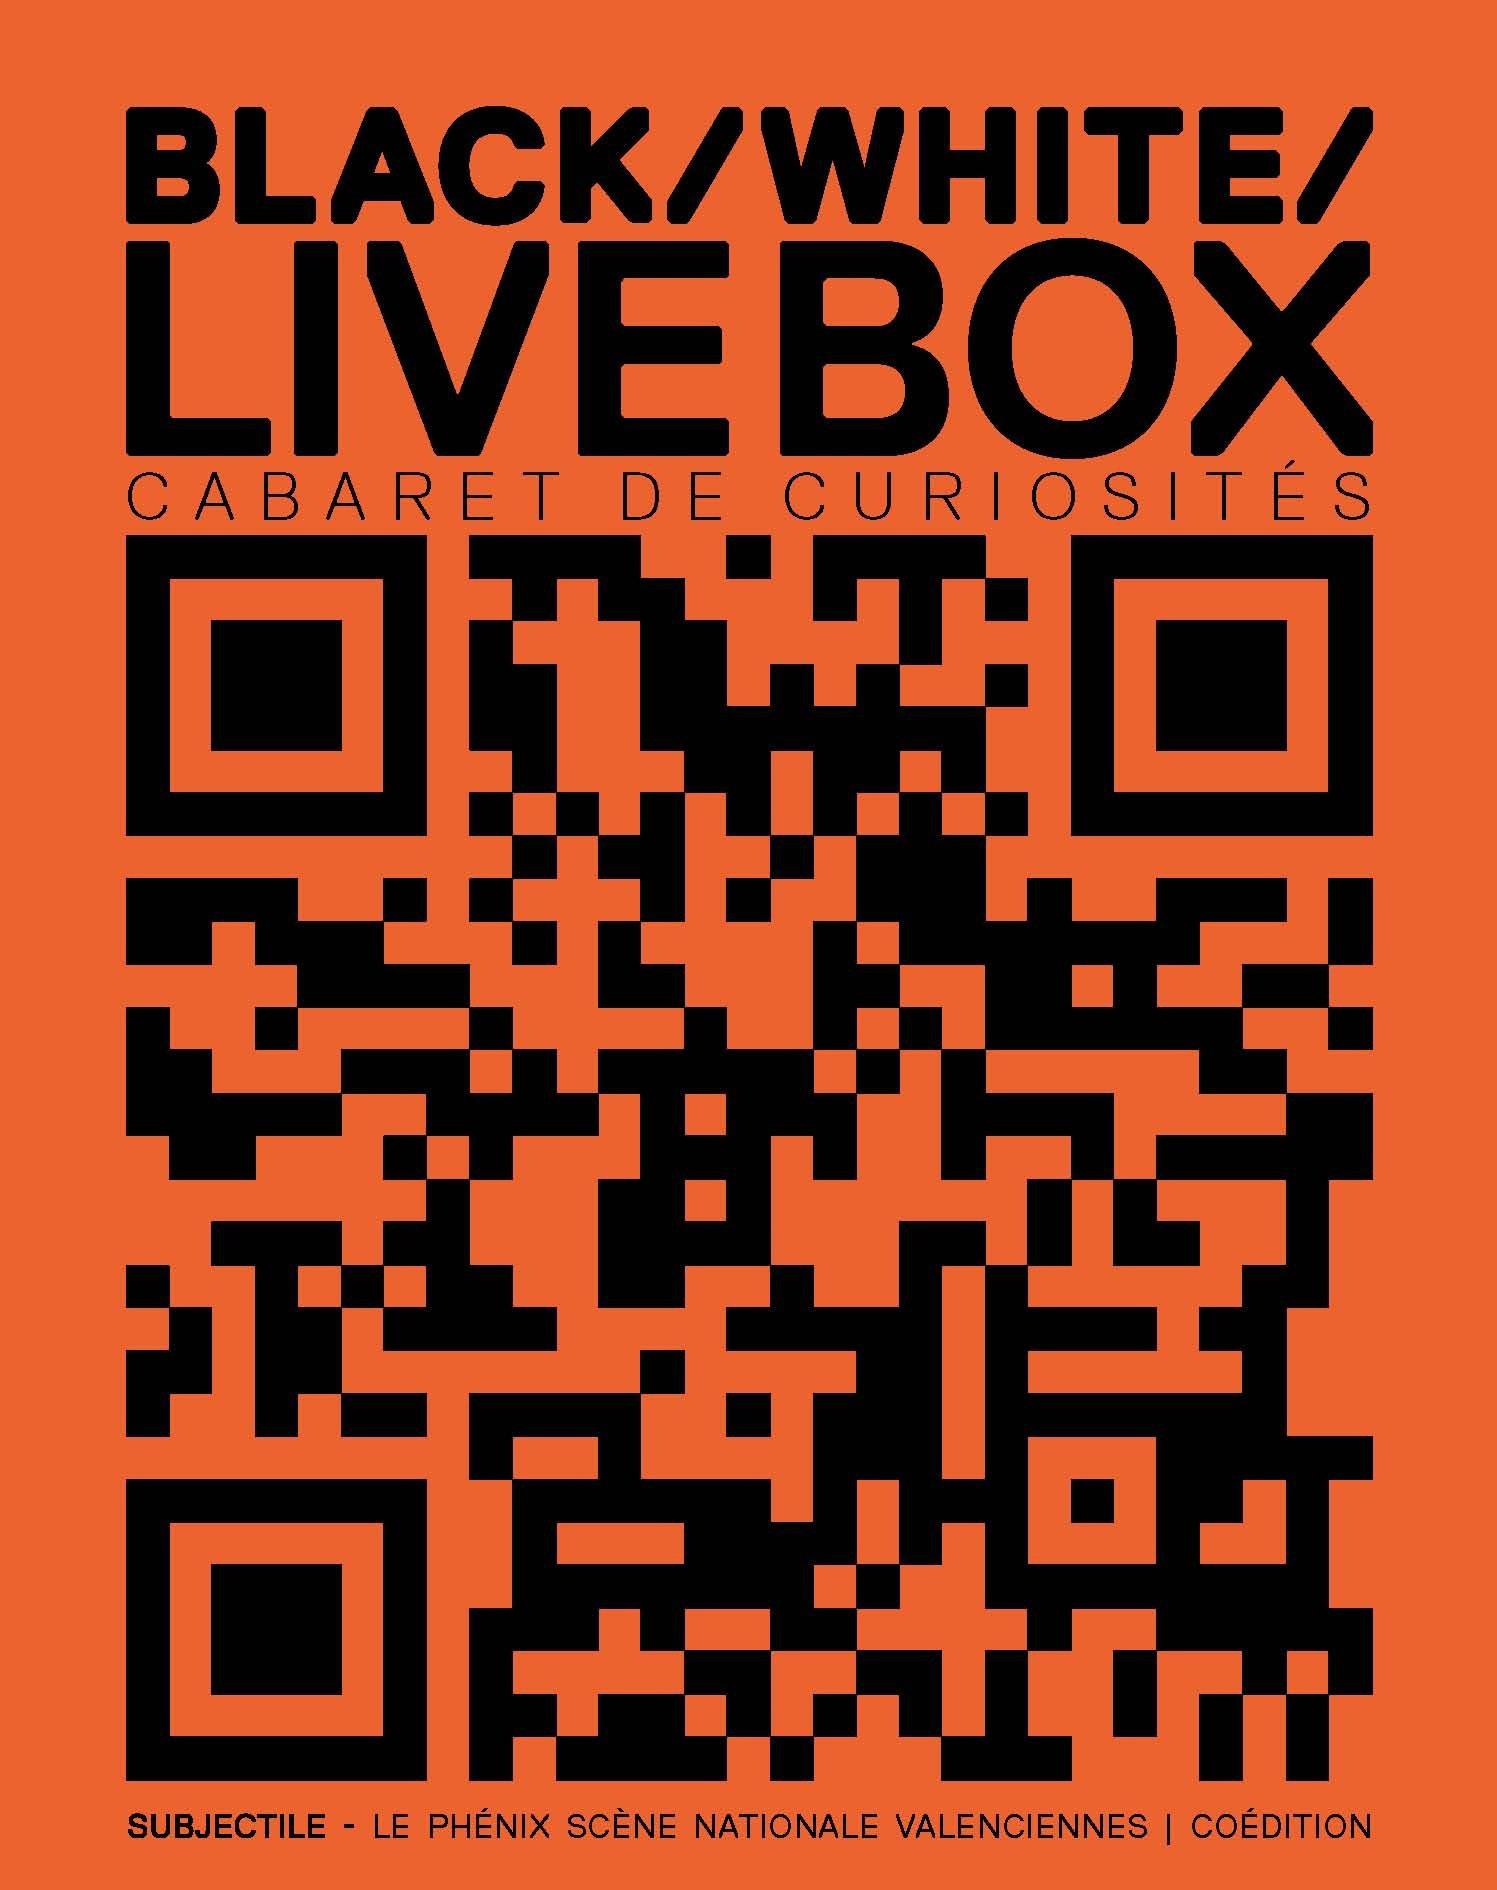 Cabaret de curiosités - Black / White / Live Box